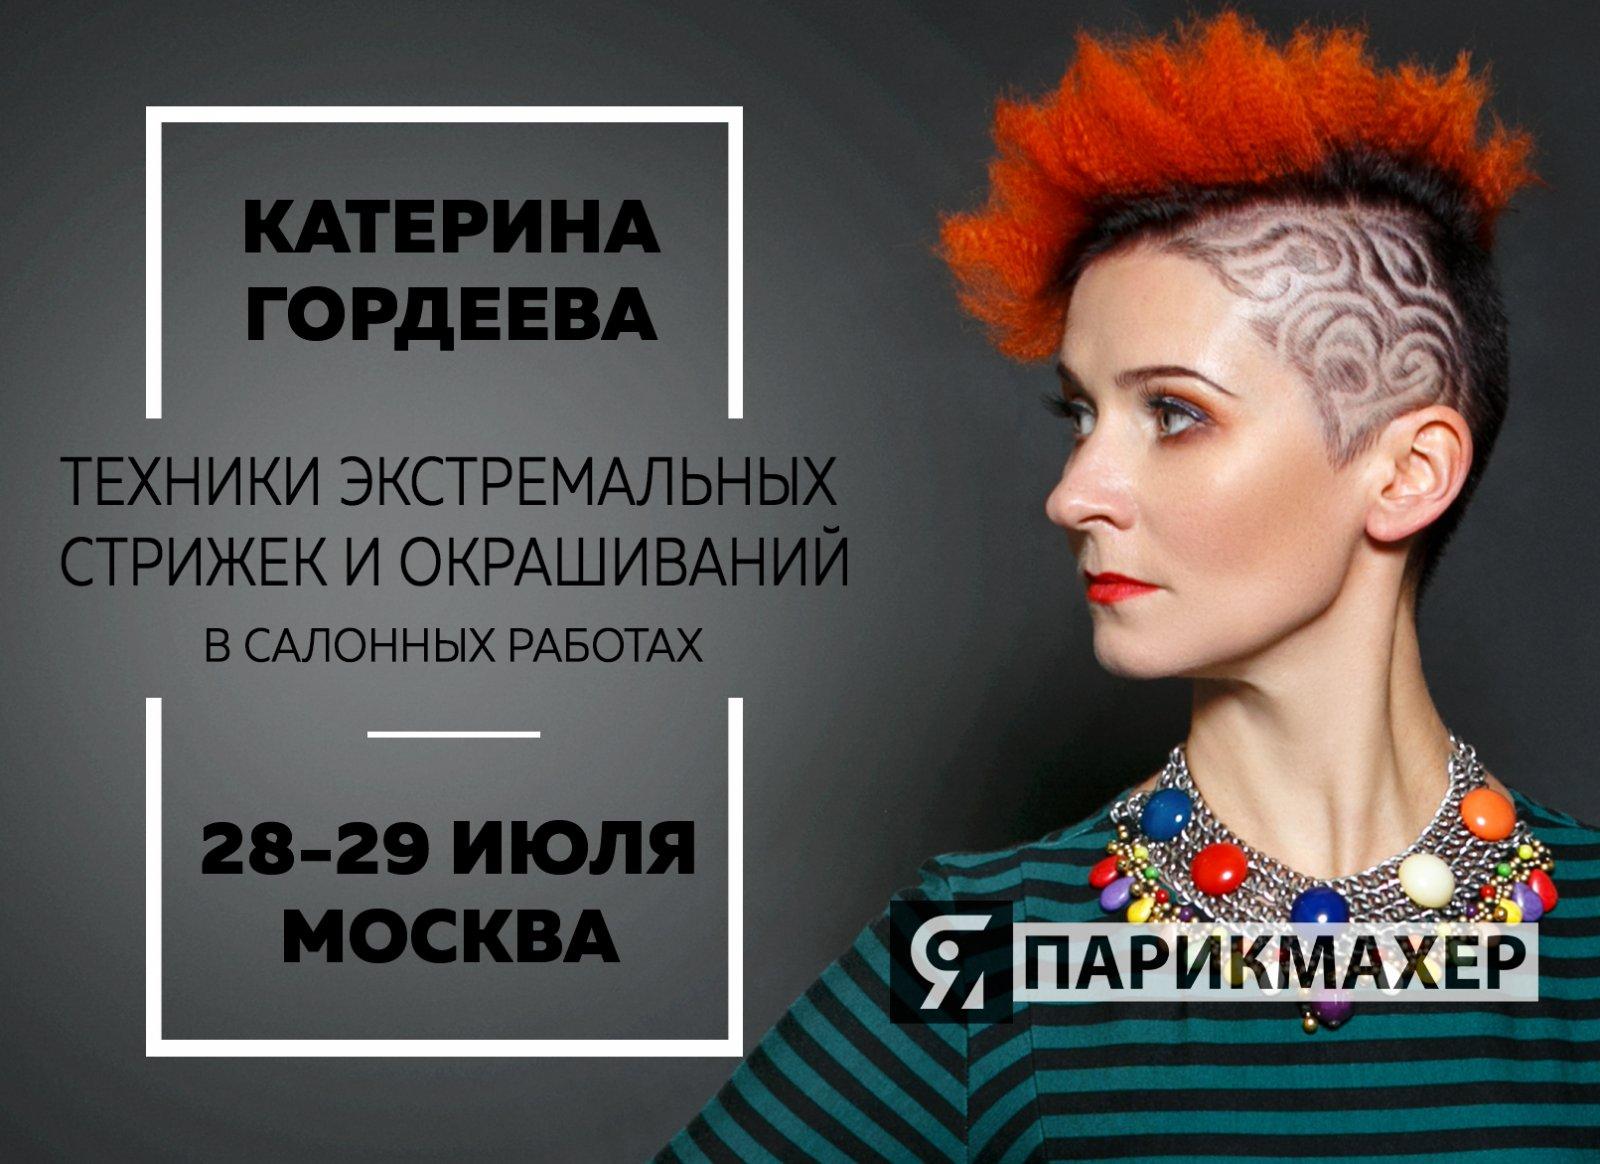 """""""Техники экстремальных стрижек и окрашиваний в салонных работах."""" 2-дневный семинар Катерины Гордеевой, с отработкой на моделях."""